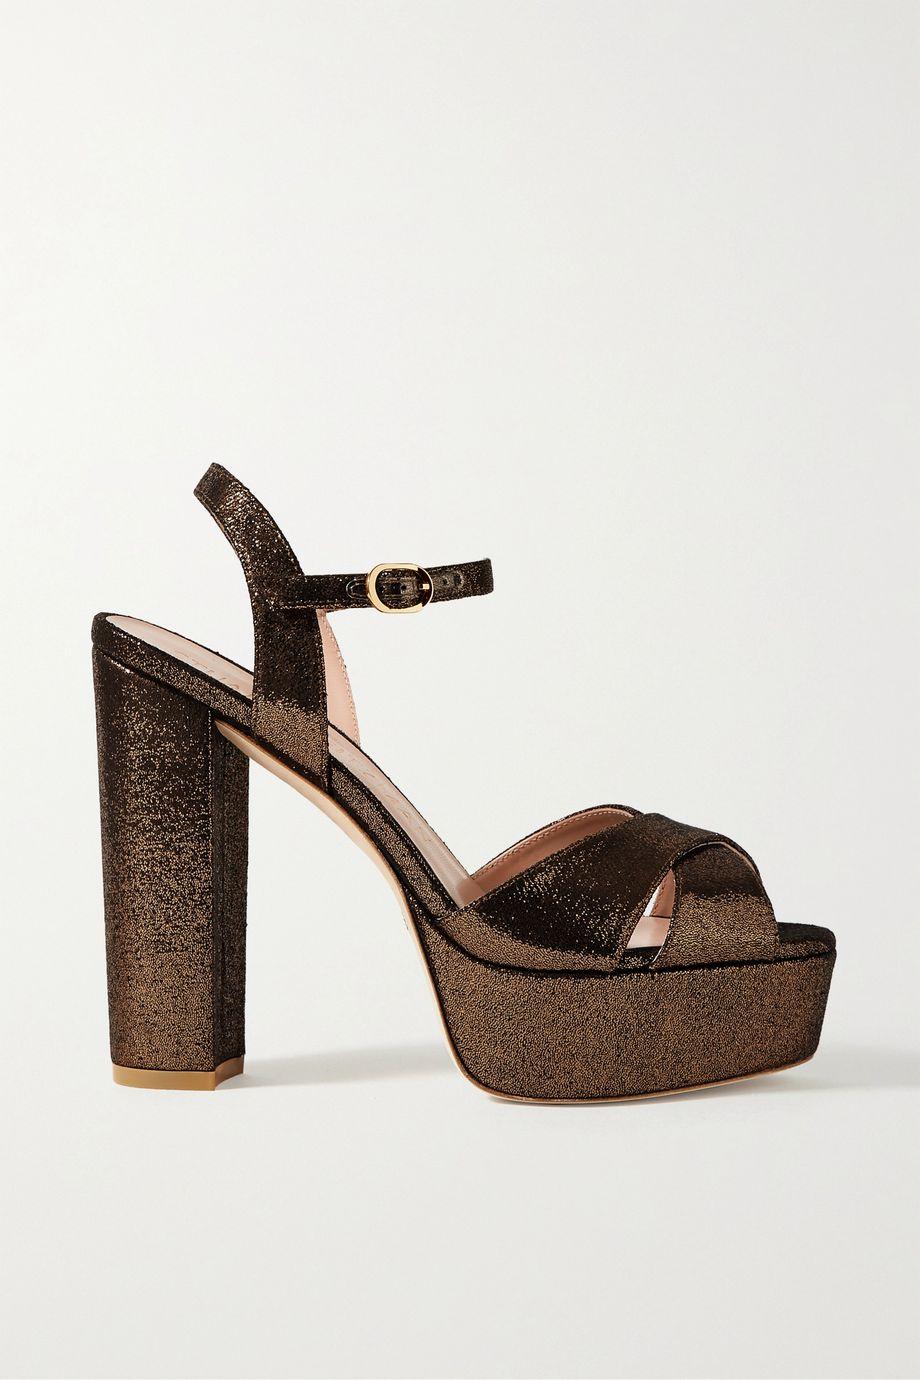 Stuart Weitzman Soliesse lamé sandals